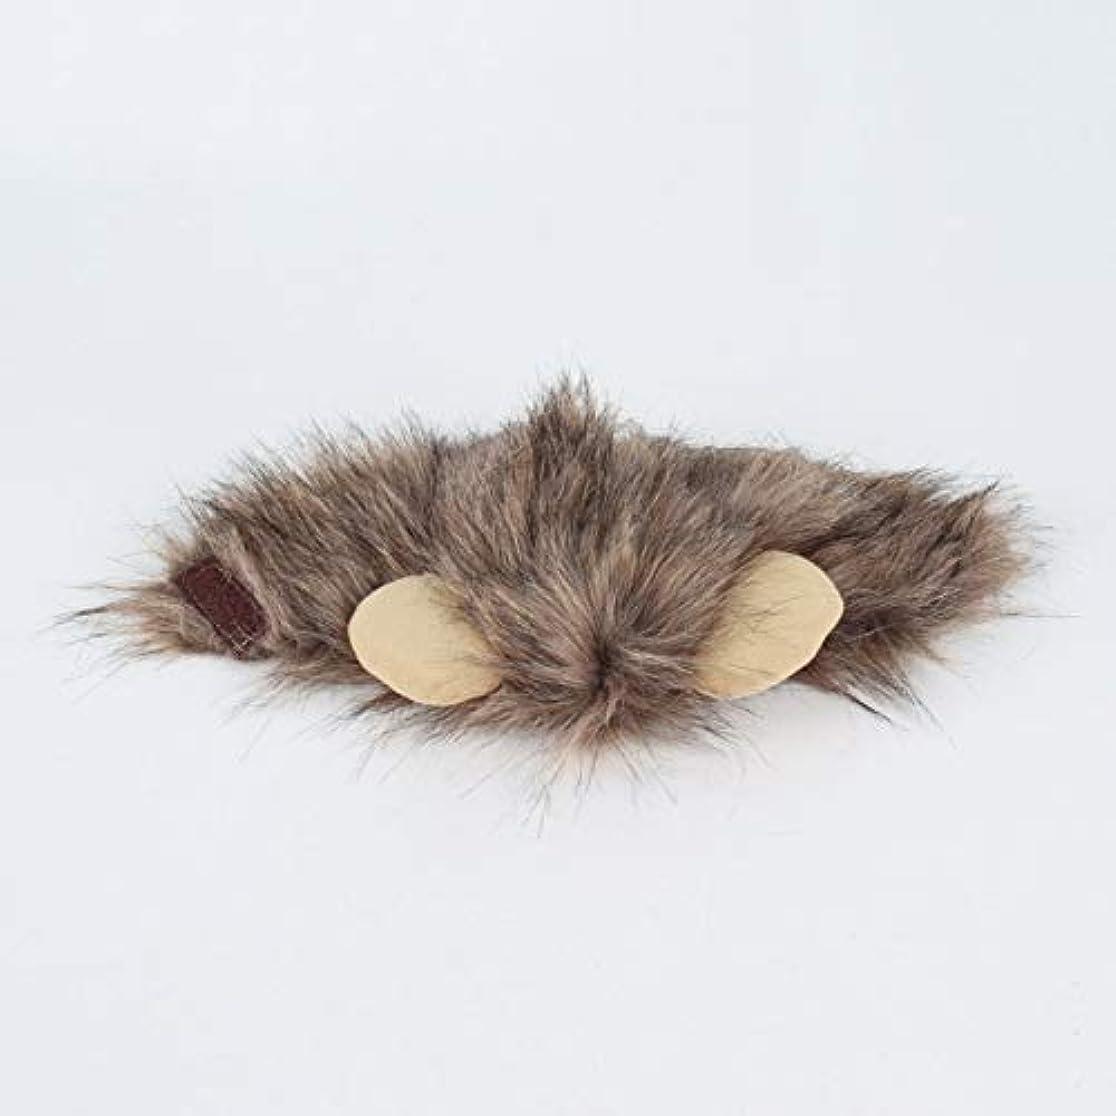 データベース鬼ごっこ元に戻すSaikogoods おかしいかわいいペットキャップコスプレライオンの形の帽子後背位キティライオンハット快適なキャットハットソフト子犬ウィッグ通気性のアニマルキャップ 褐色 M